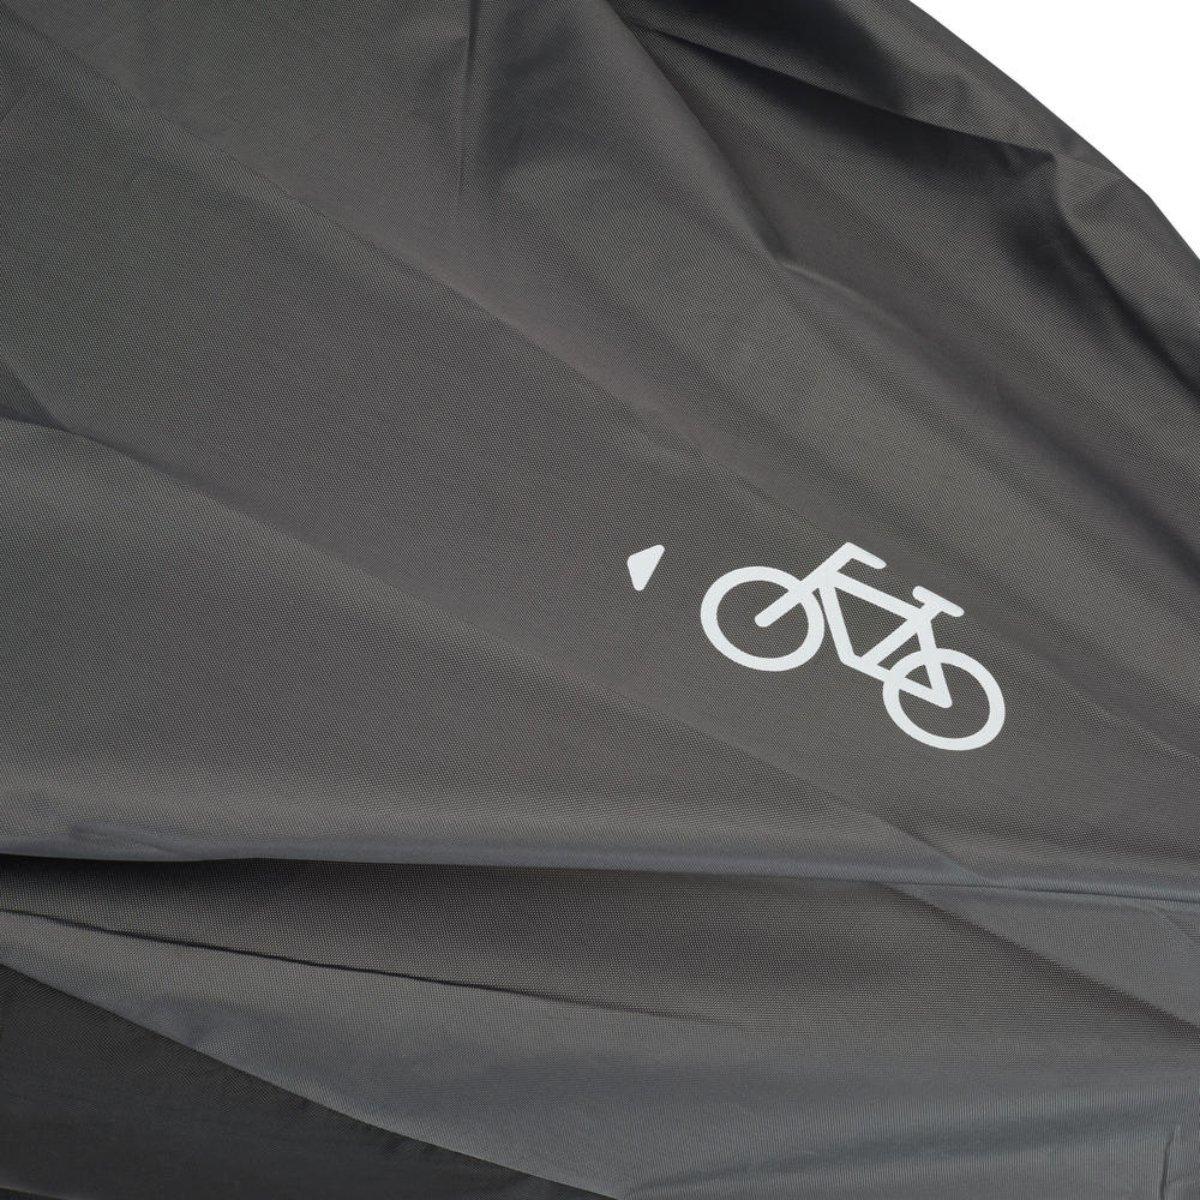 Capa de Proteção B'twin p/ Bicicleta | Cor: Preto